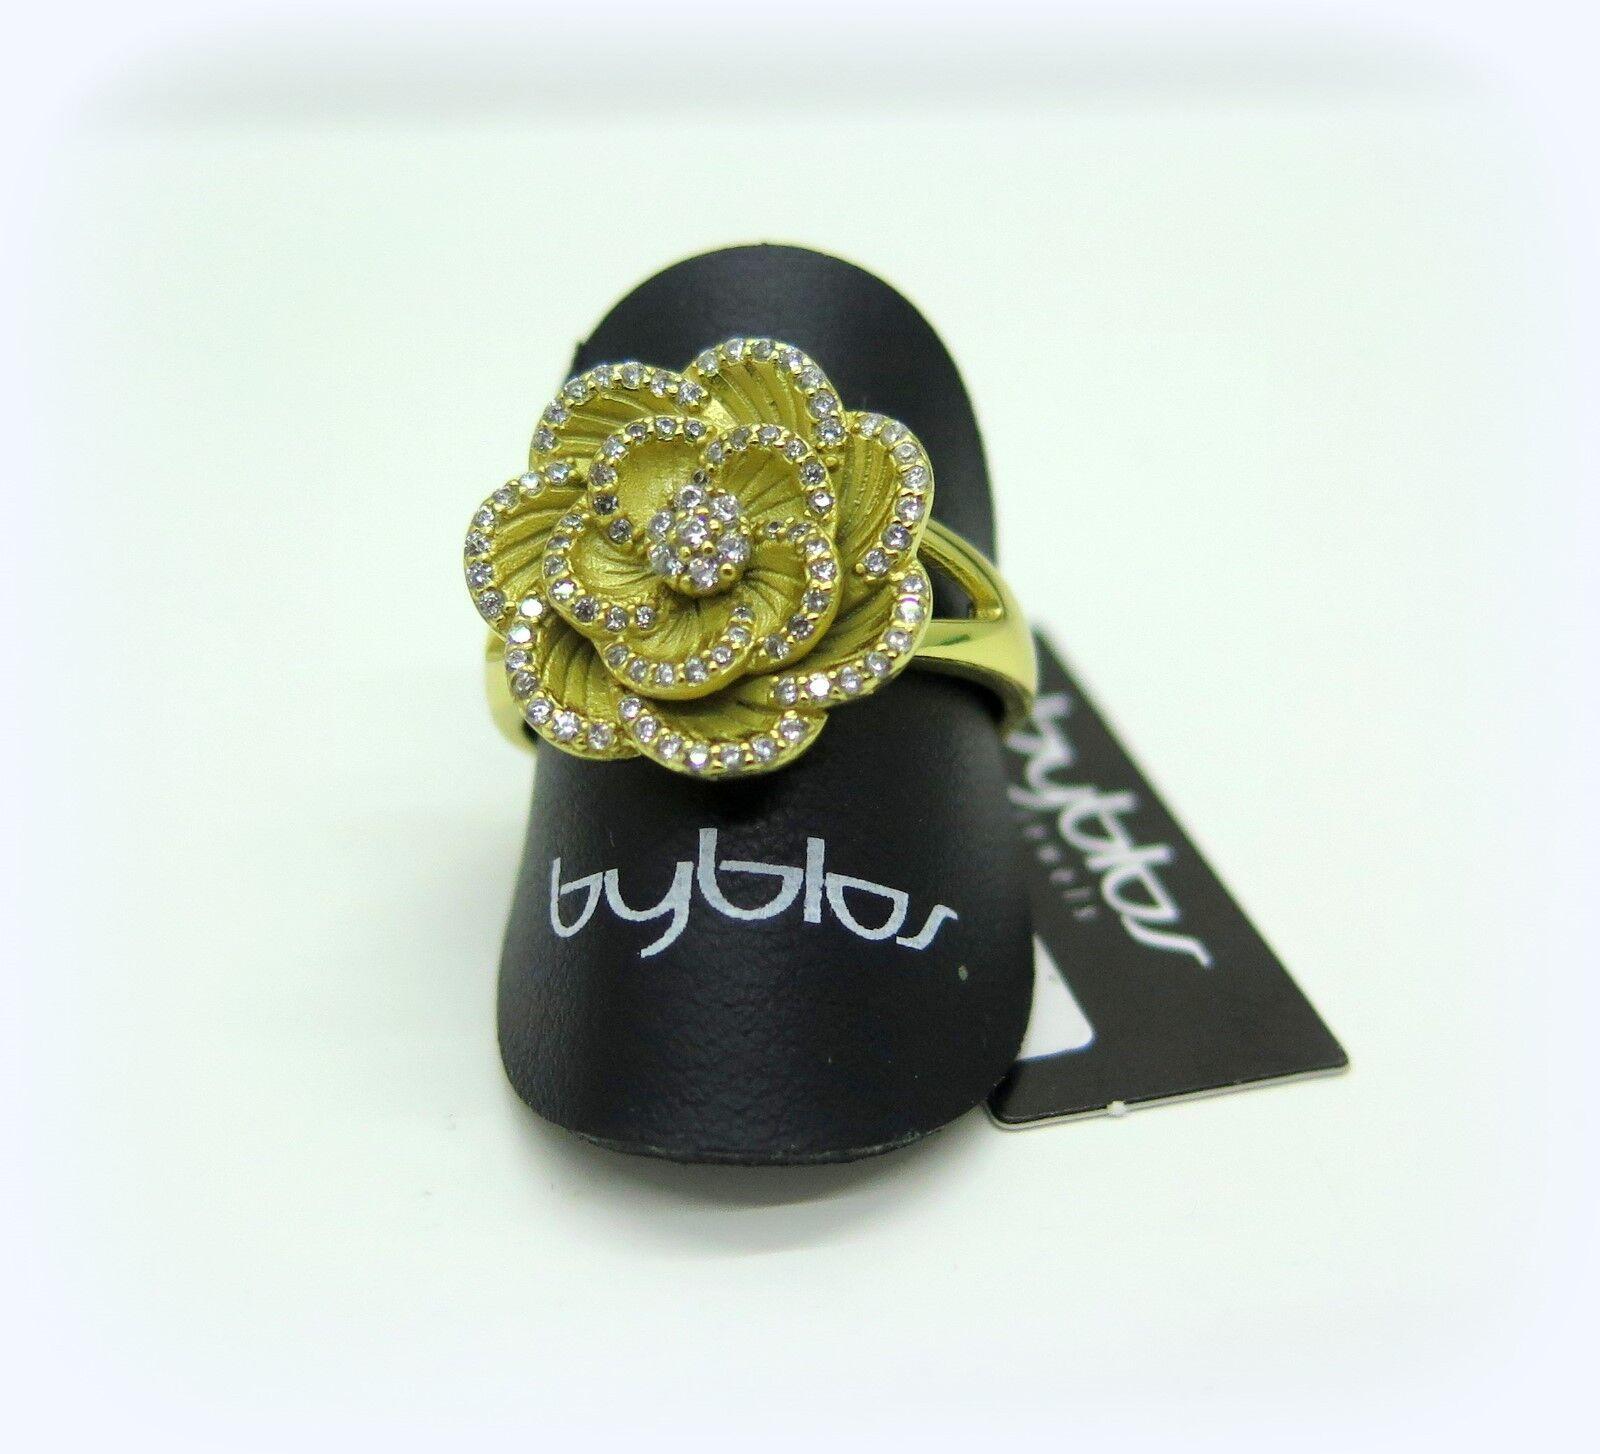 Anello donna Byblos argentoo 925 rosa collection placcato placcato placcato oro giallo mis 14 16 20 6eef36